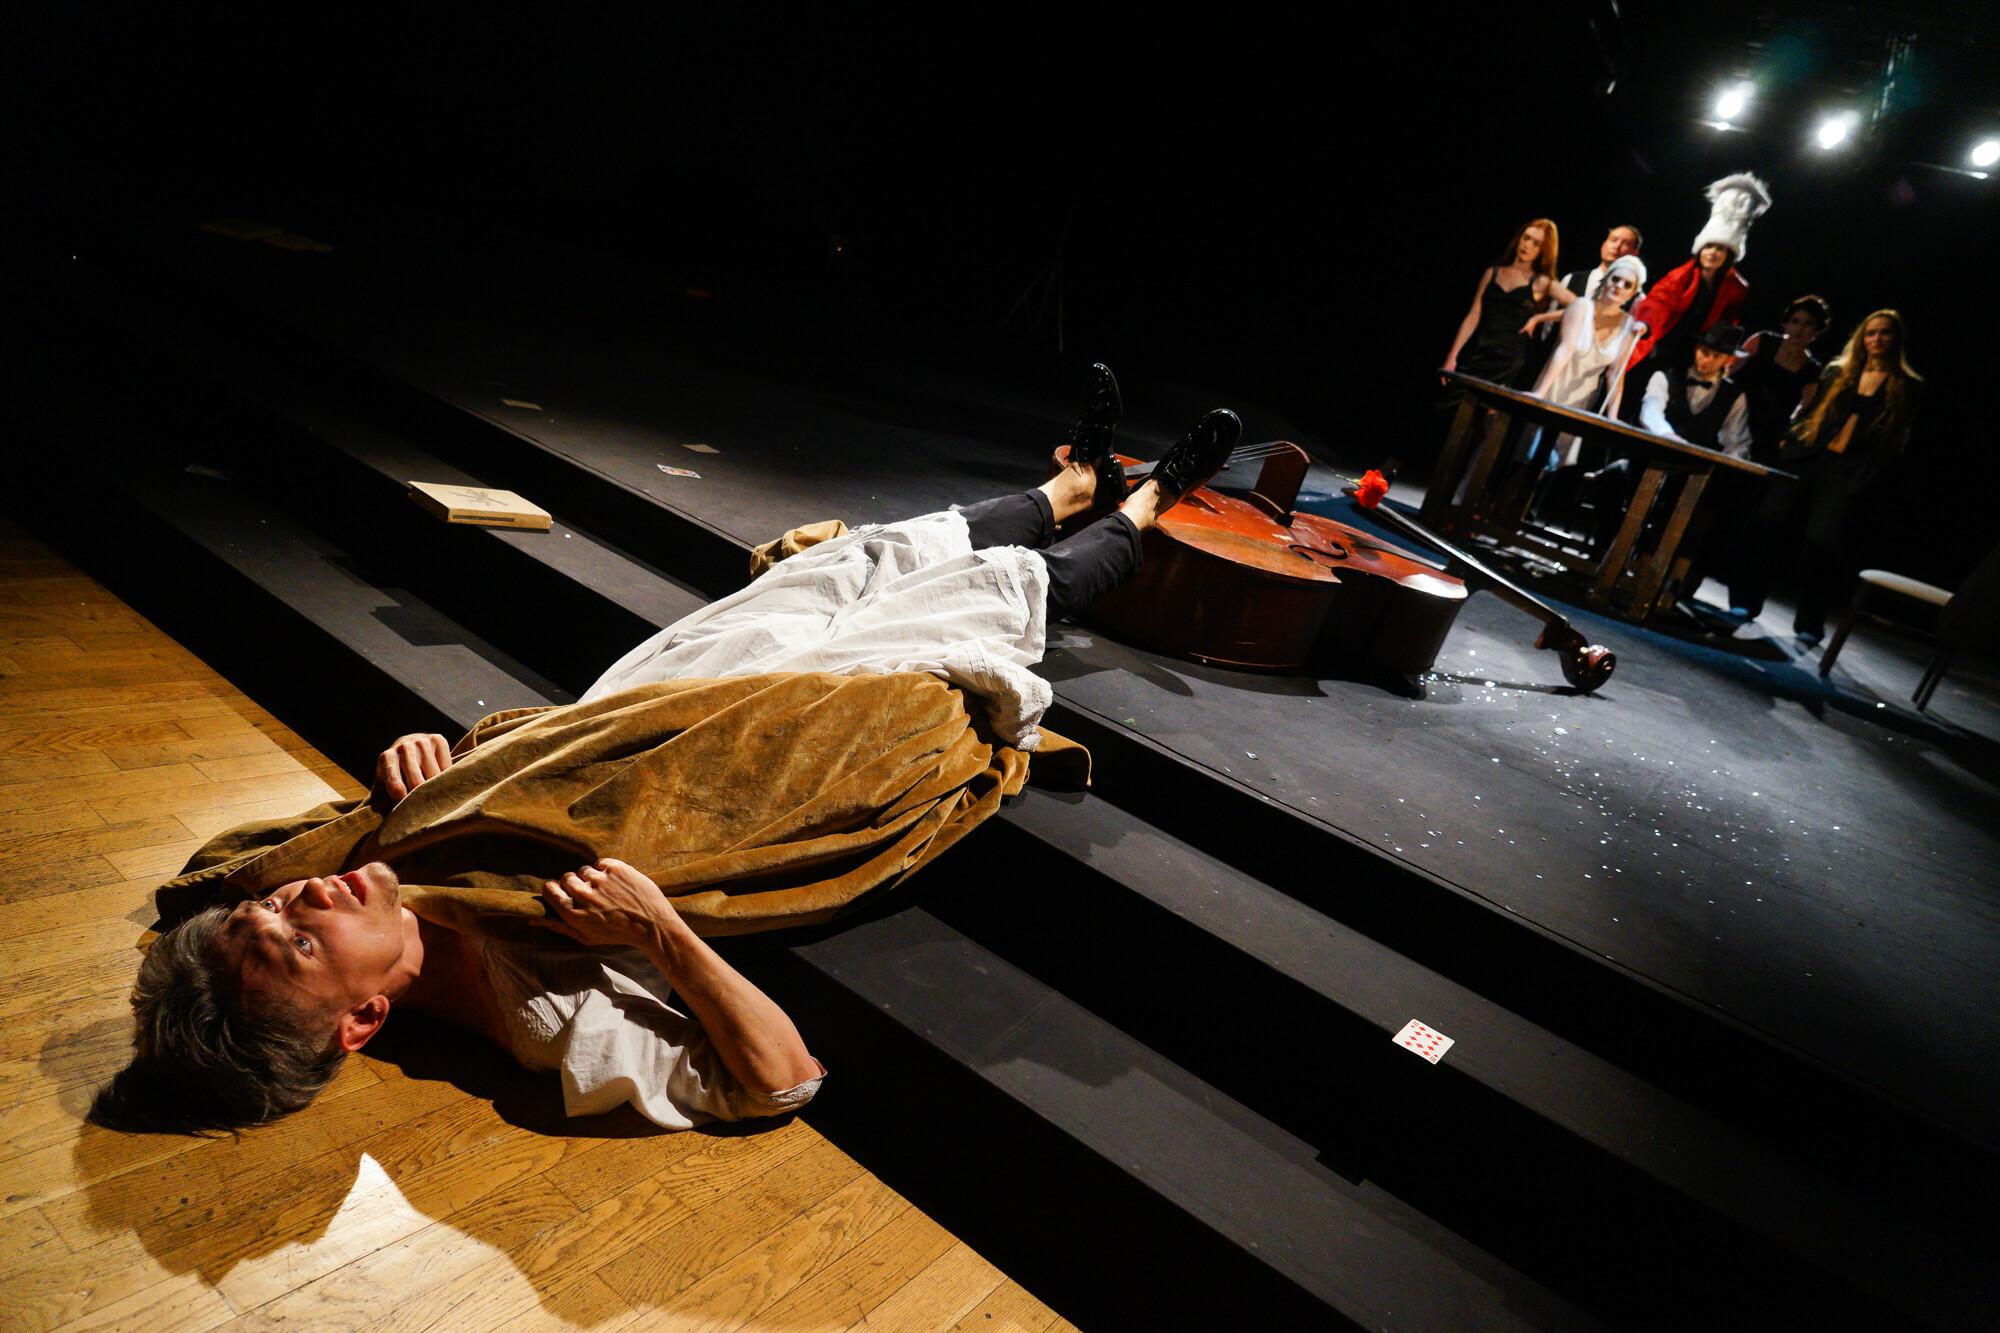 Предпремьерный показ спектакля «Пиковая дама» в краснодарском Театре драмы